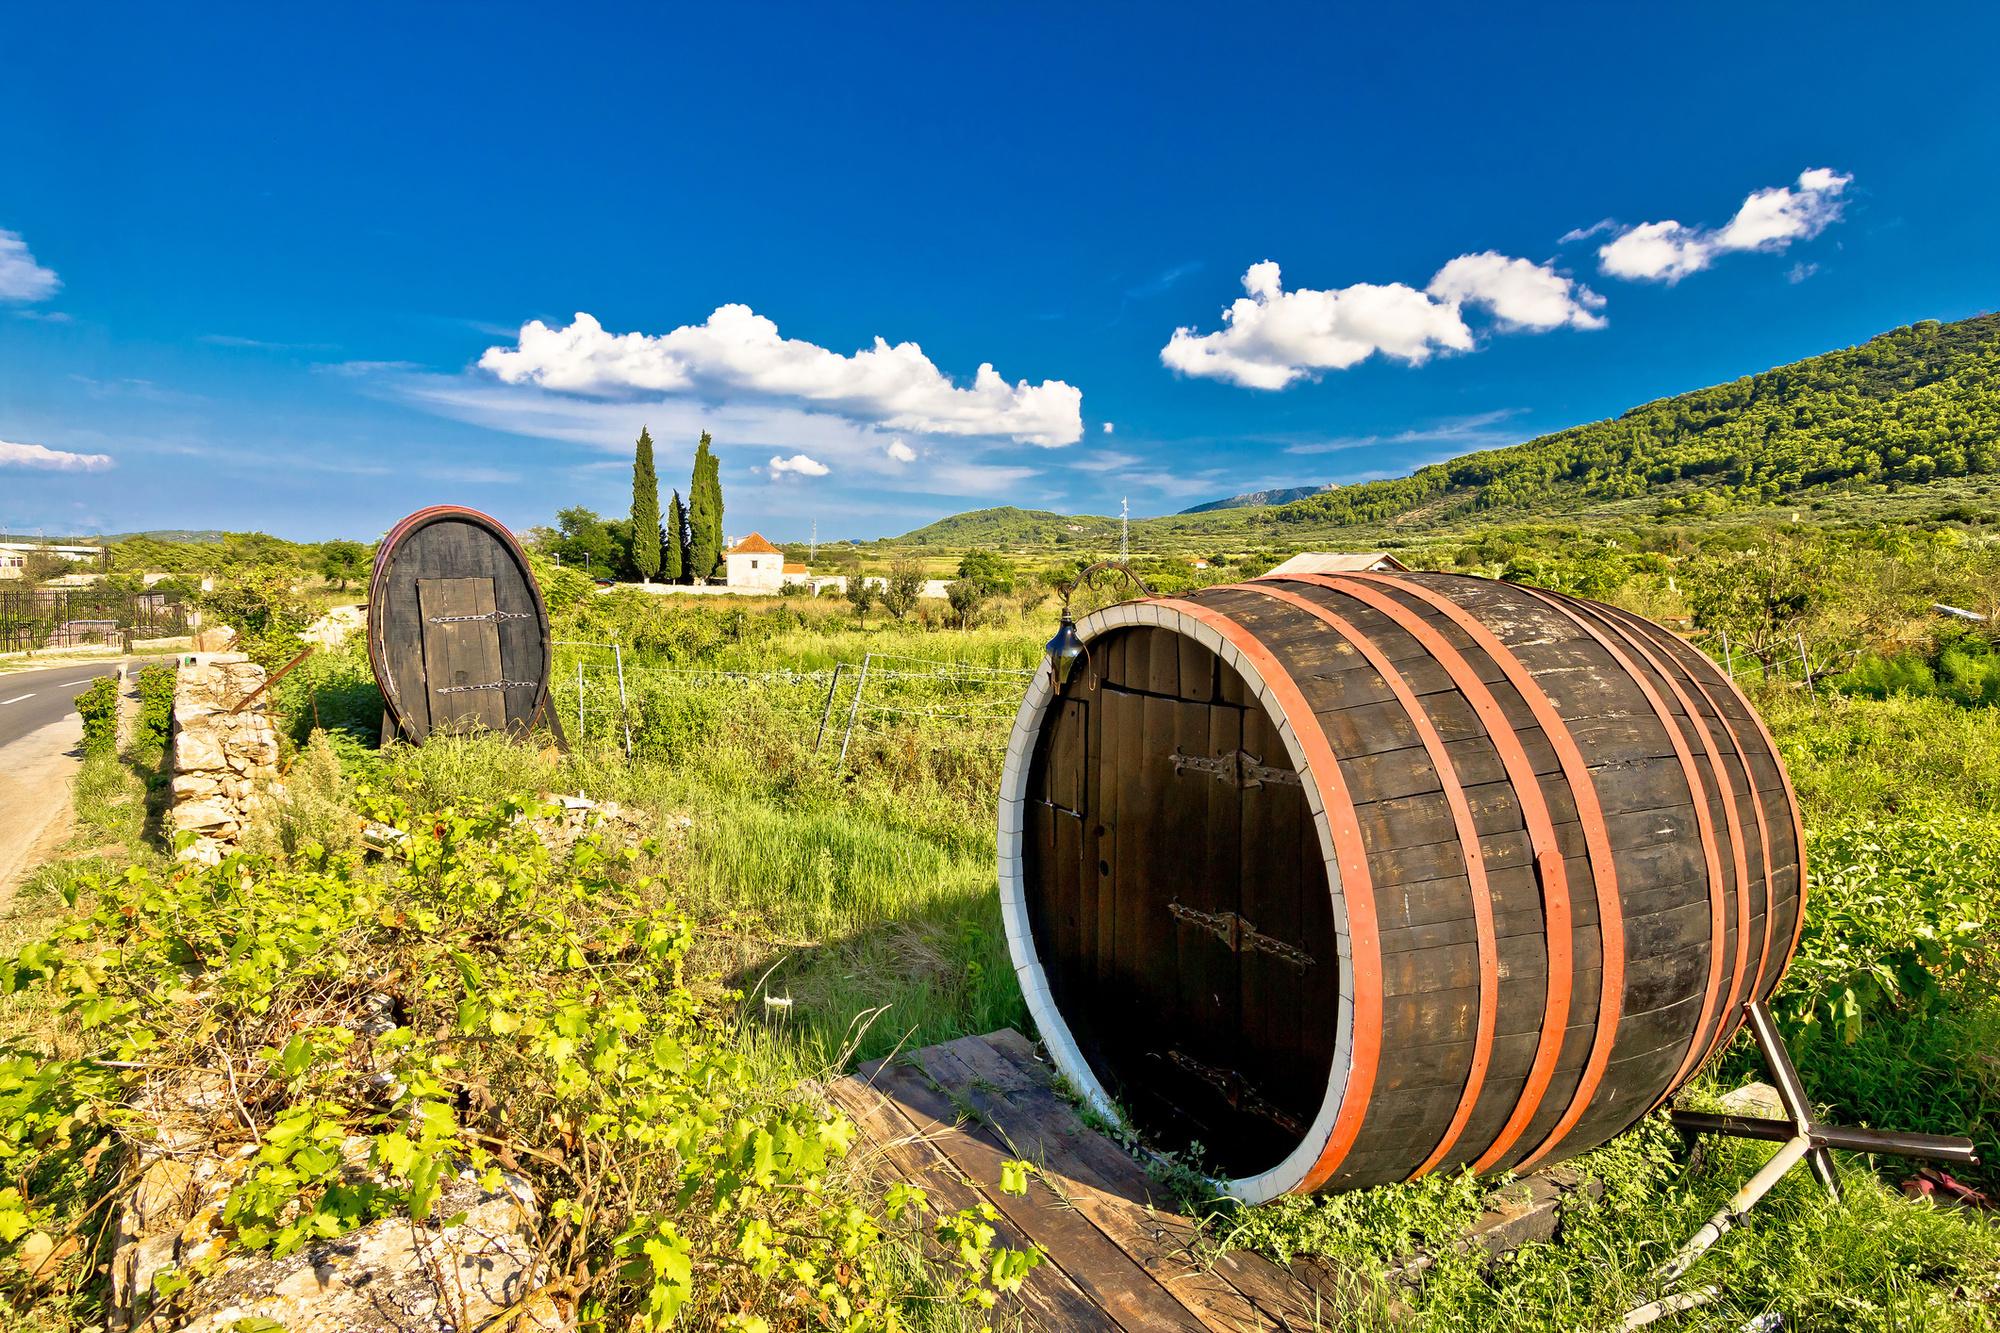 Deze wijngaard staat op de UNESCO werelderfgoedlijst., Getty Images